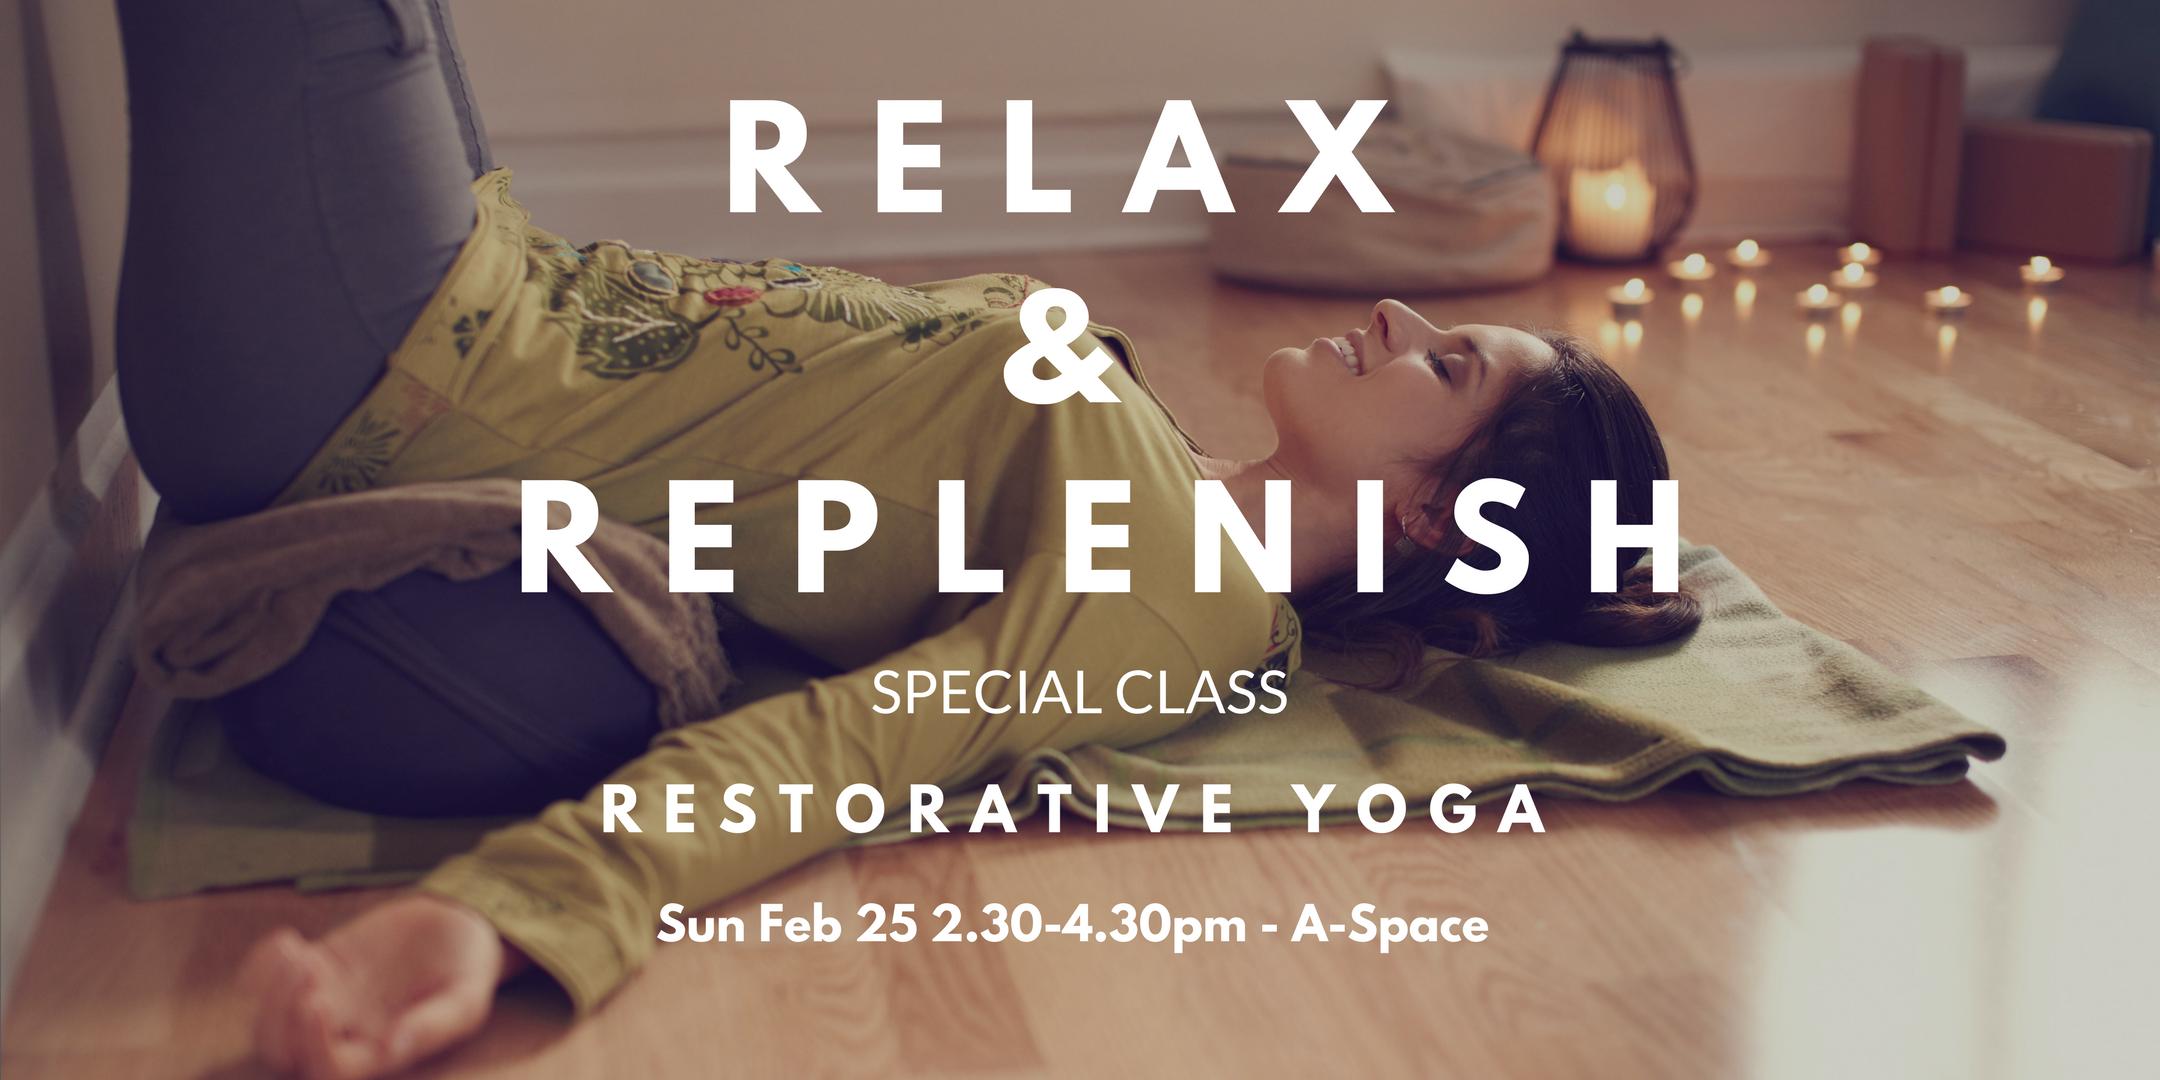 Relax & Replenish - Special Class - Restorati